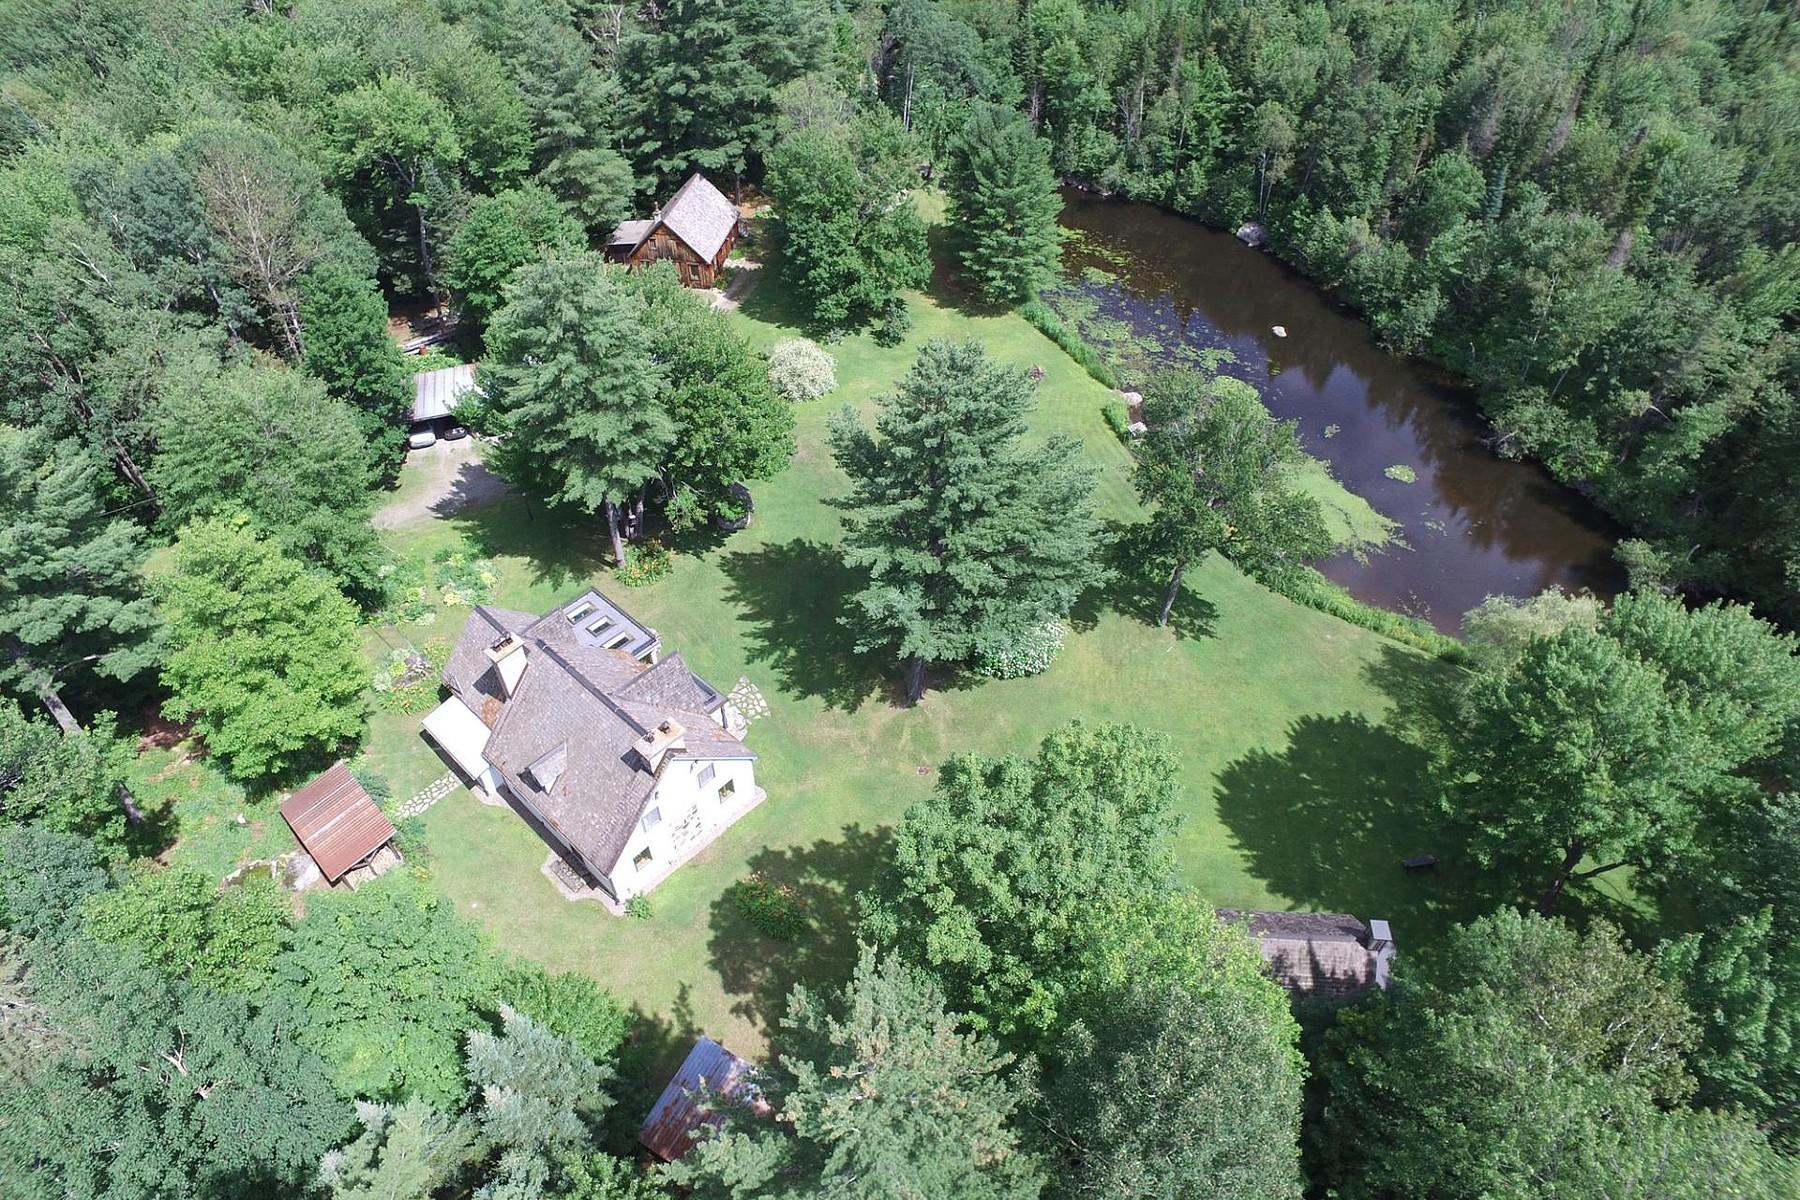 Single Family Home for Sale at Sainte-Sophie, Laurentides 707 Ch. Abercrombie Sainte-Sophie, Quebec, J5J2R4 Canada